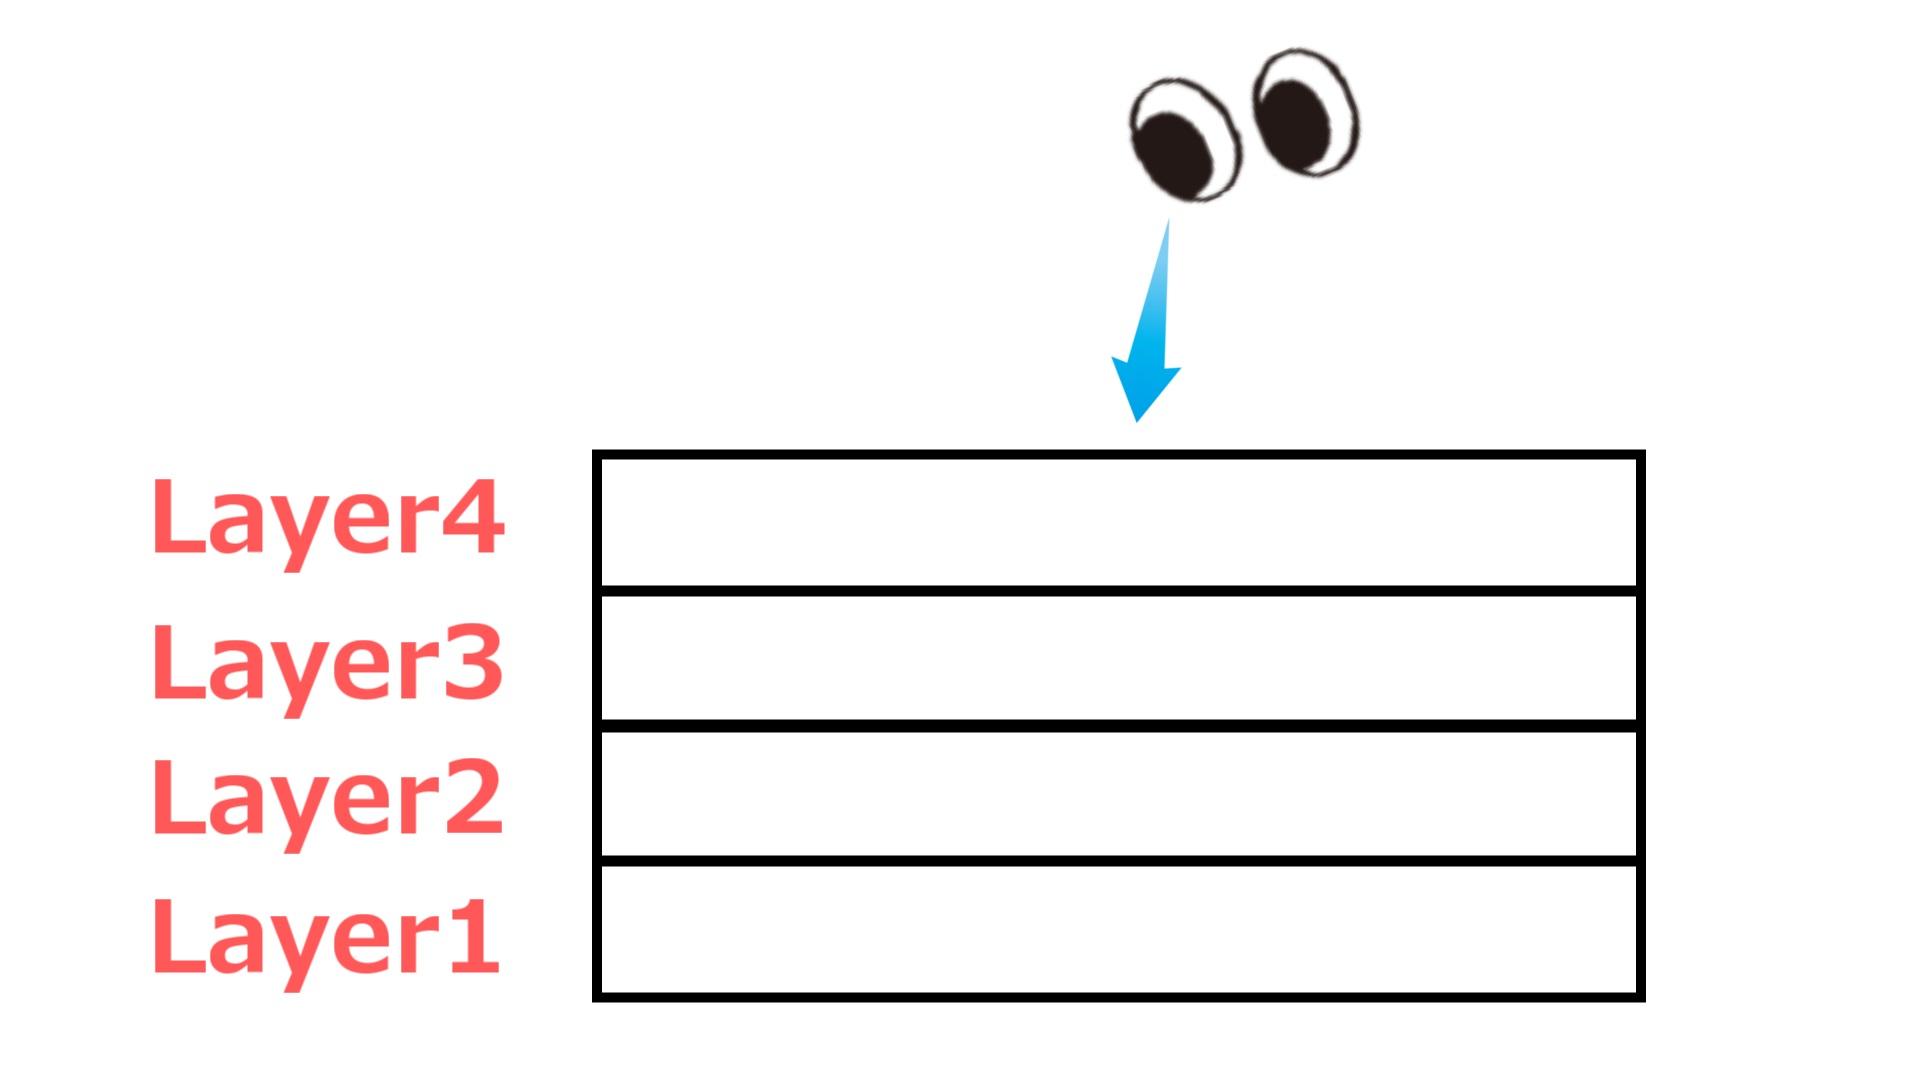 レイヤー(Layer)のイメージ図。レイヤー1が一番下になります。